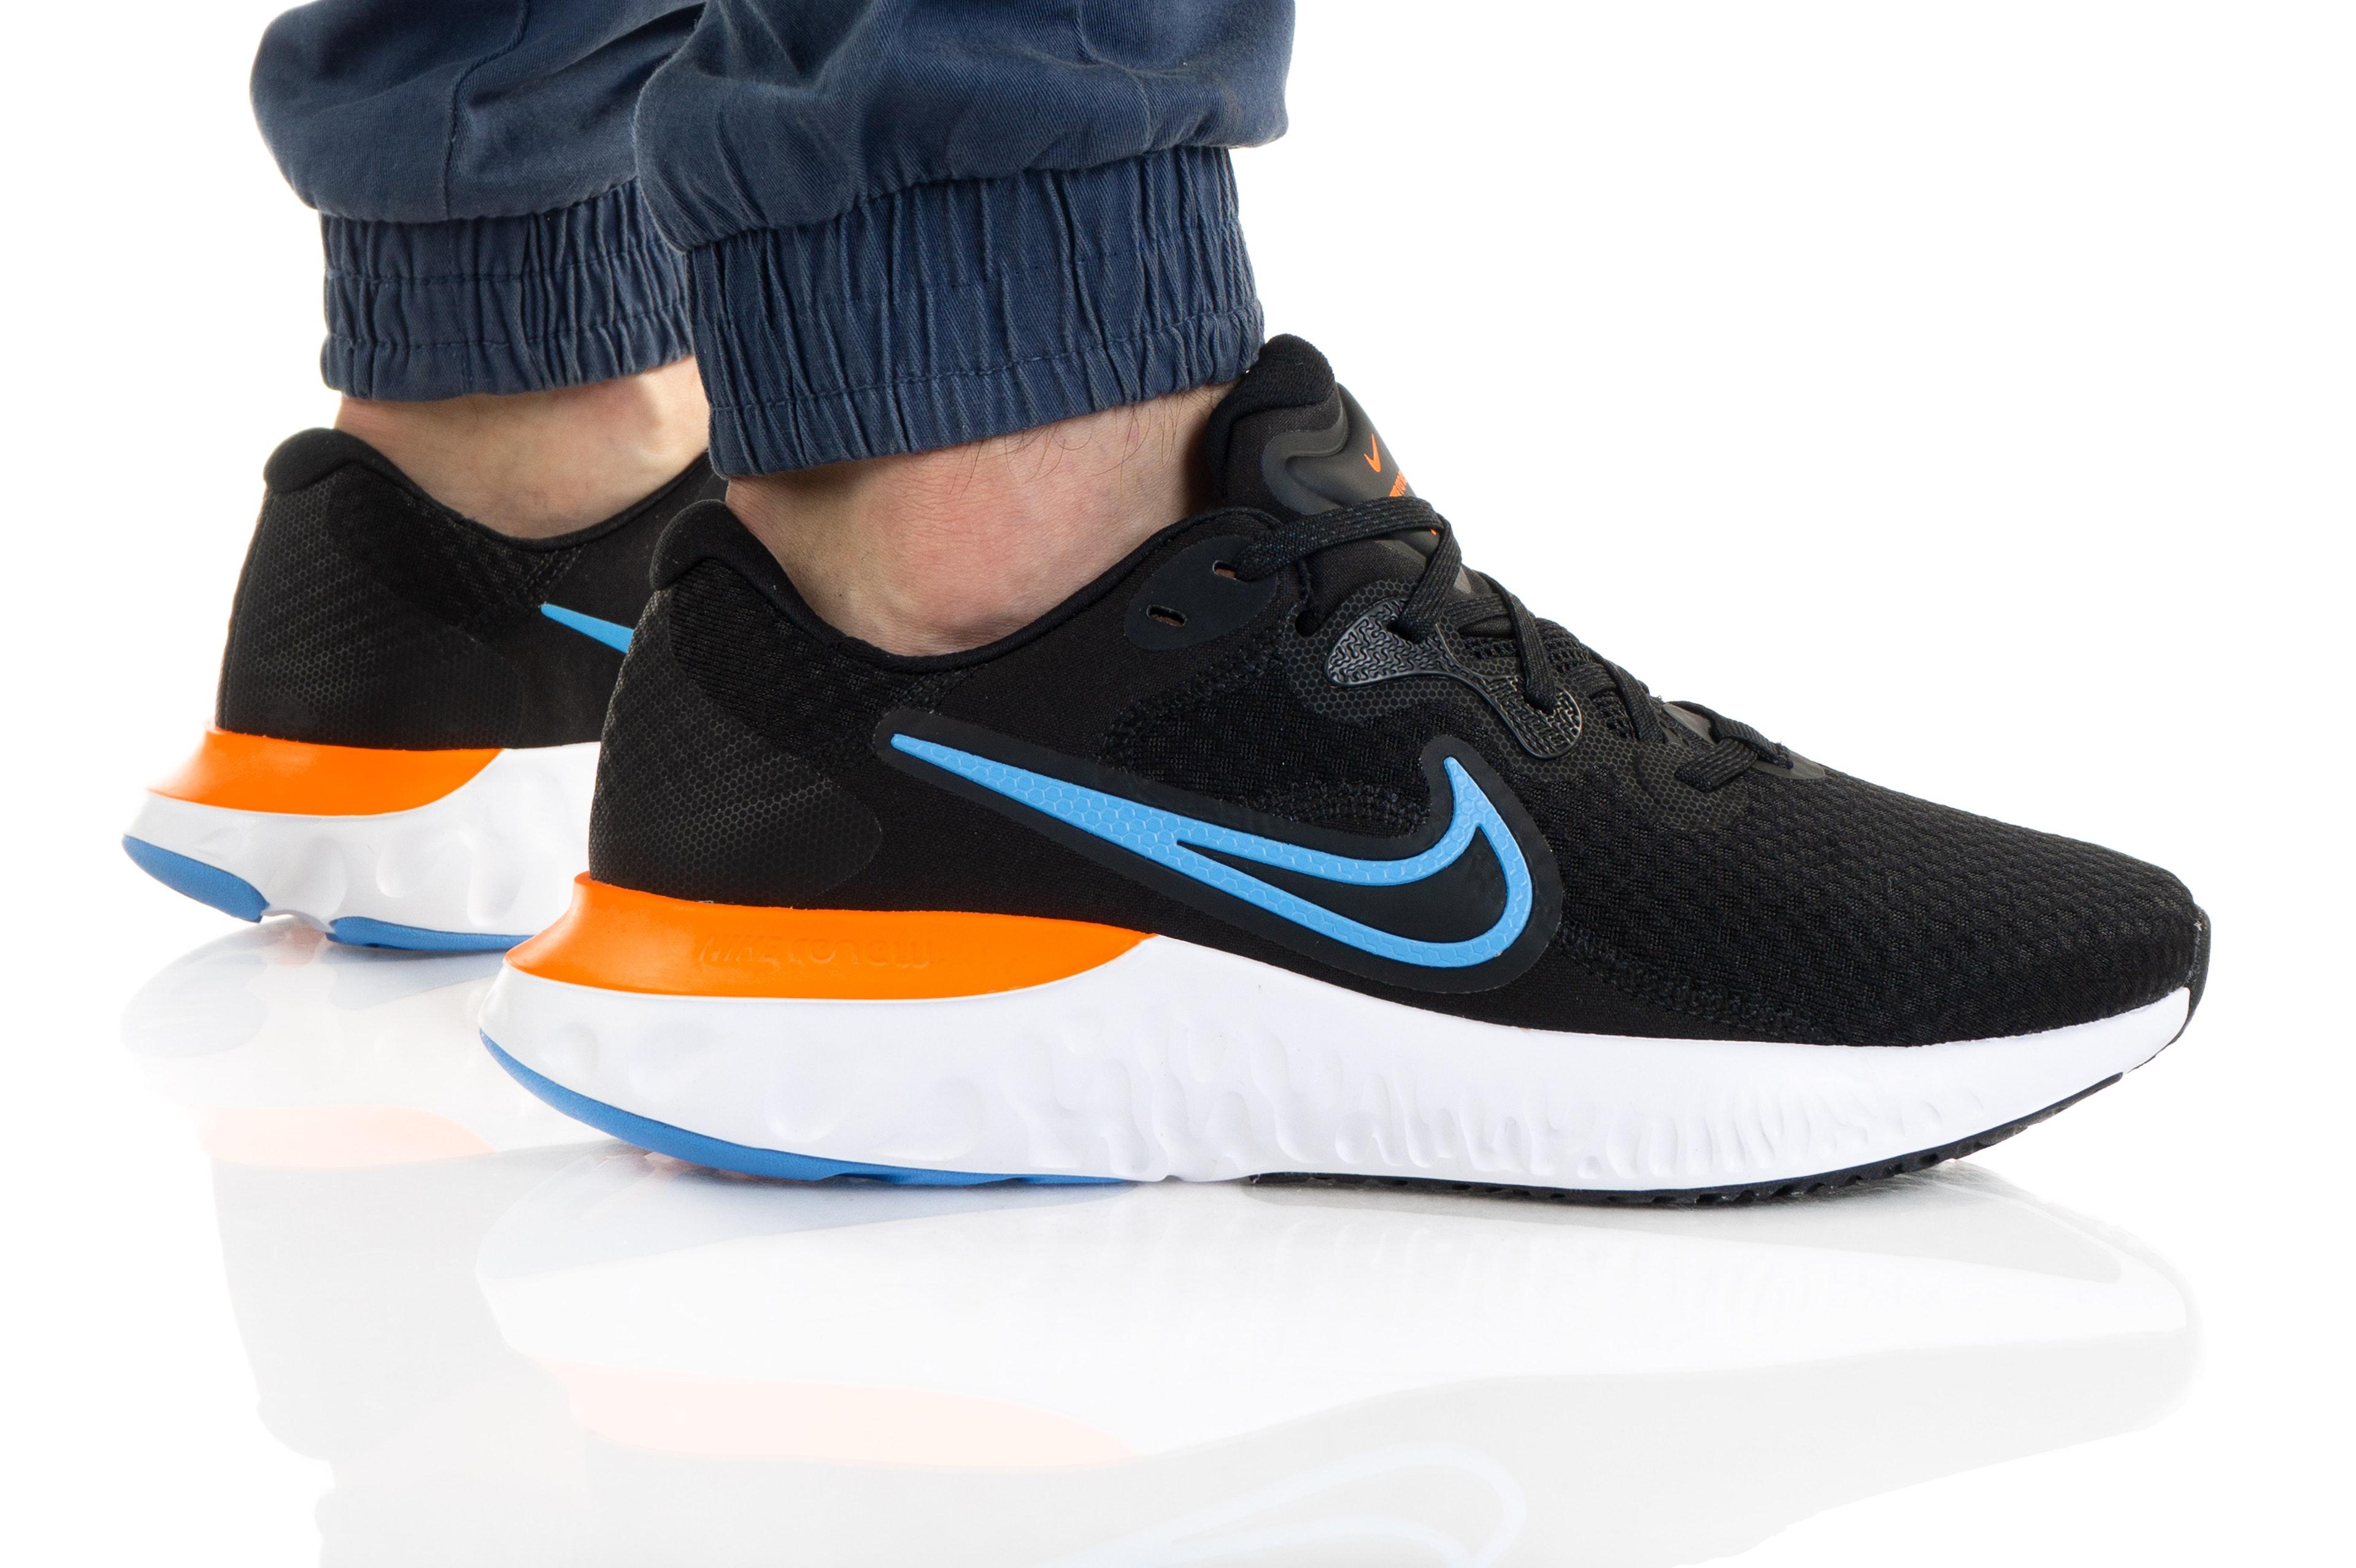 Nike RENEW RUN 2 CU3504-007